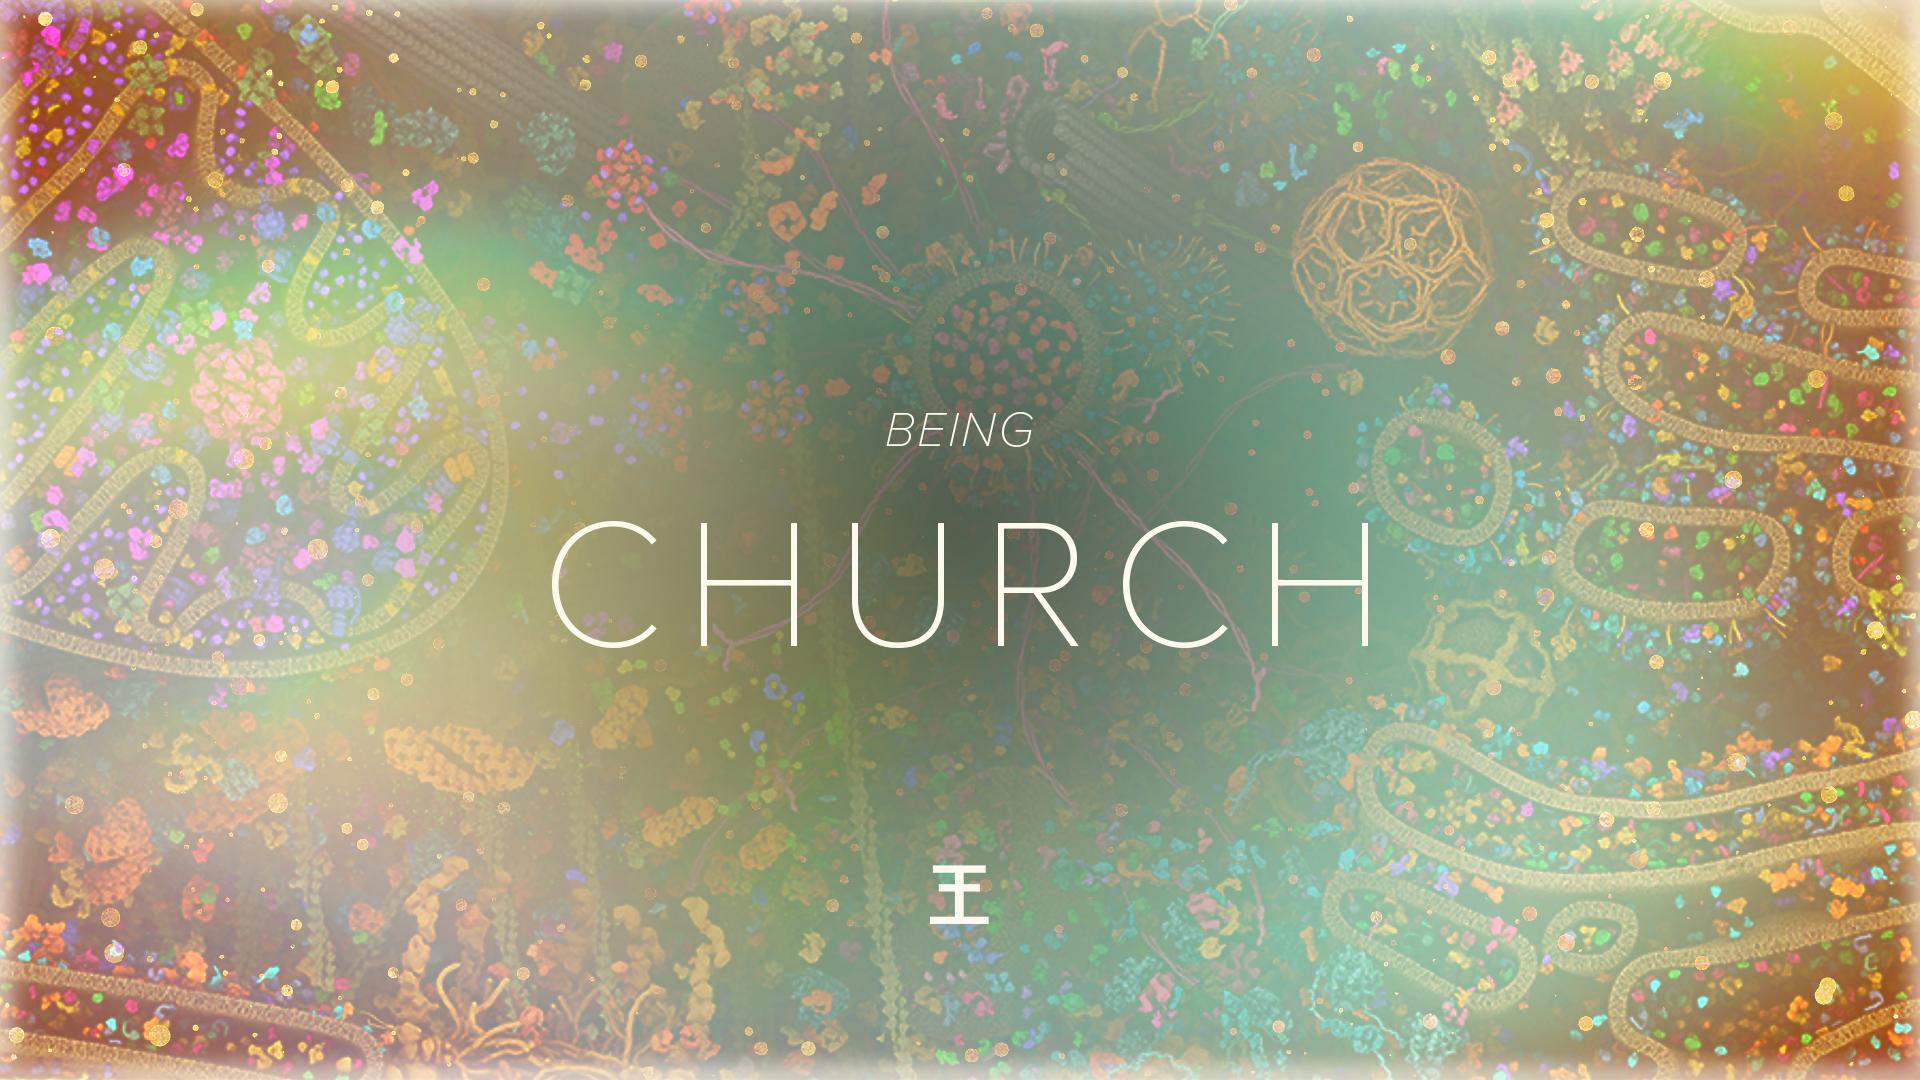 Being church web screen banner